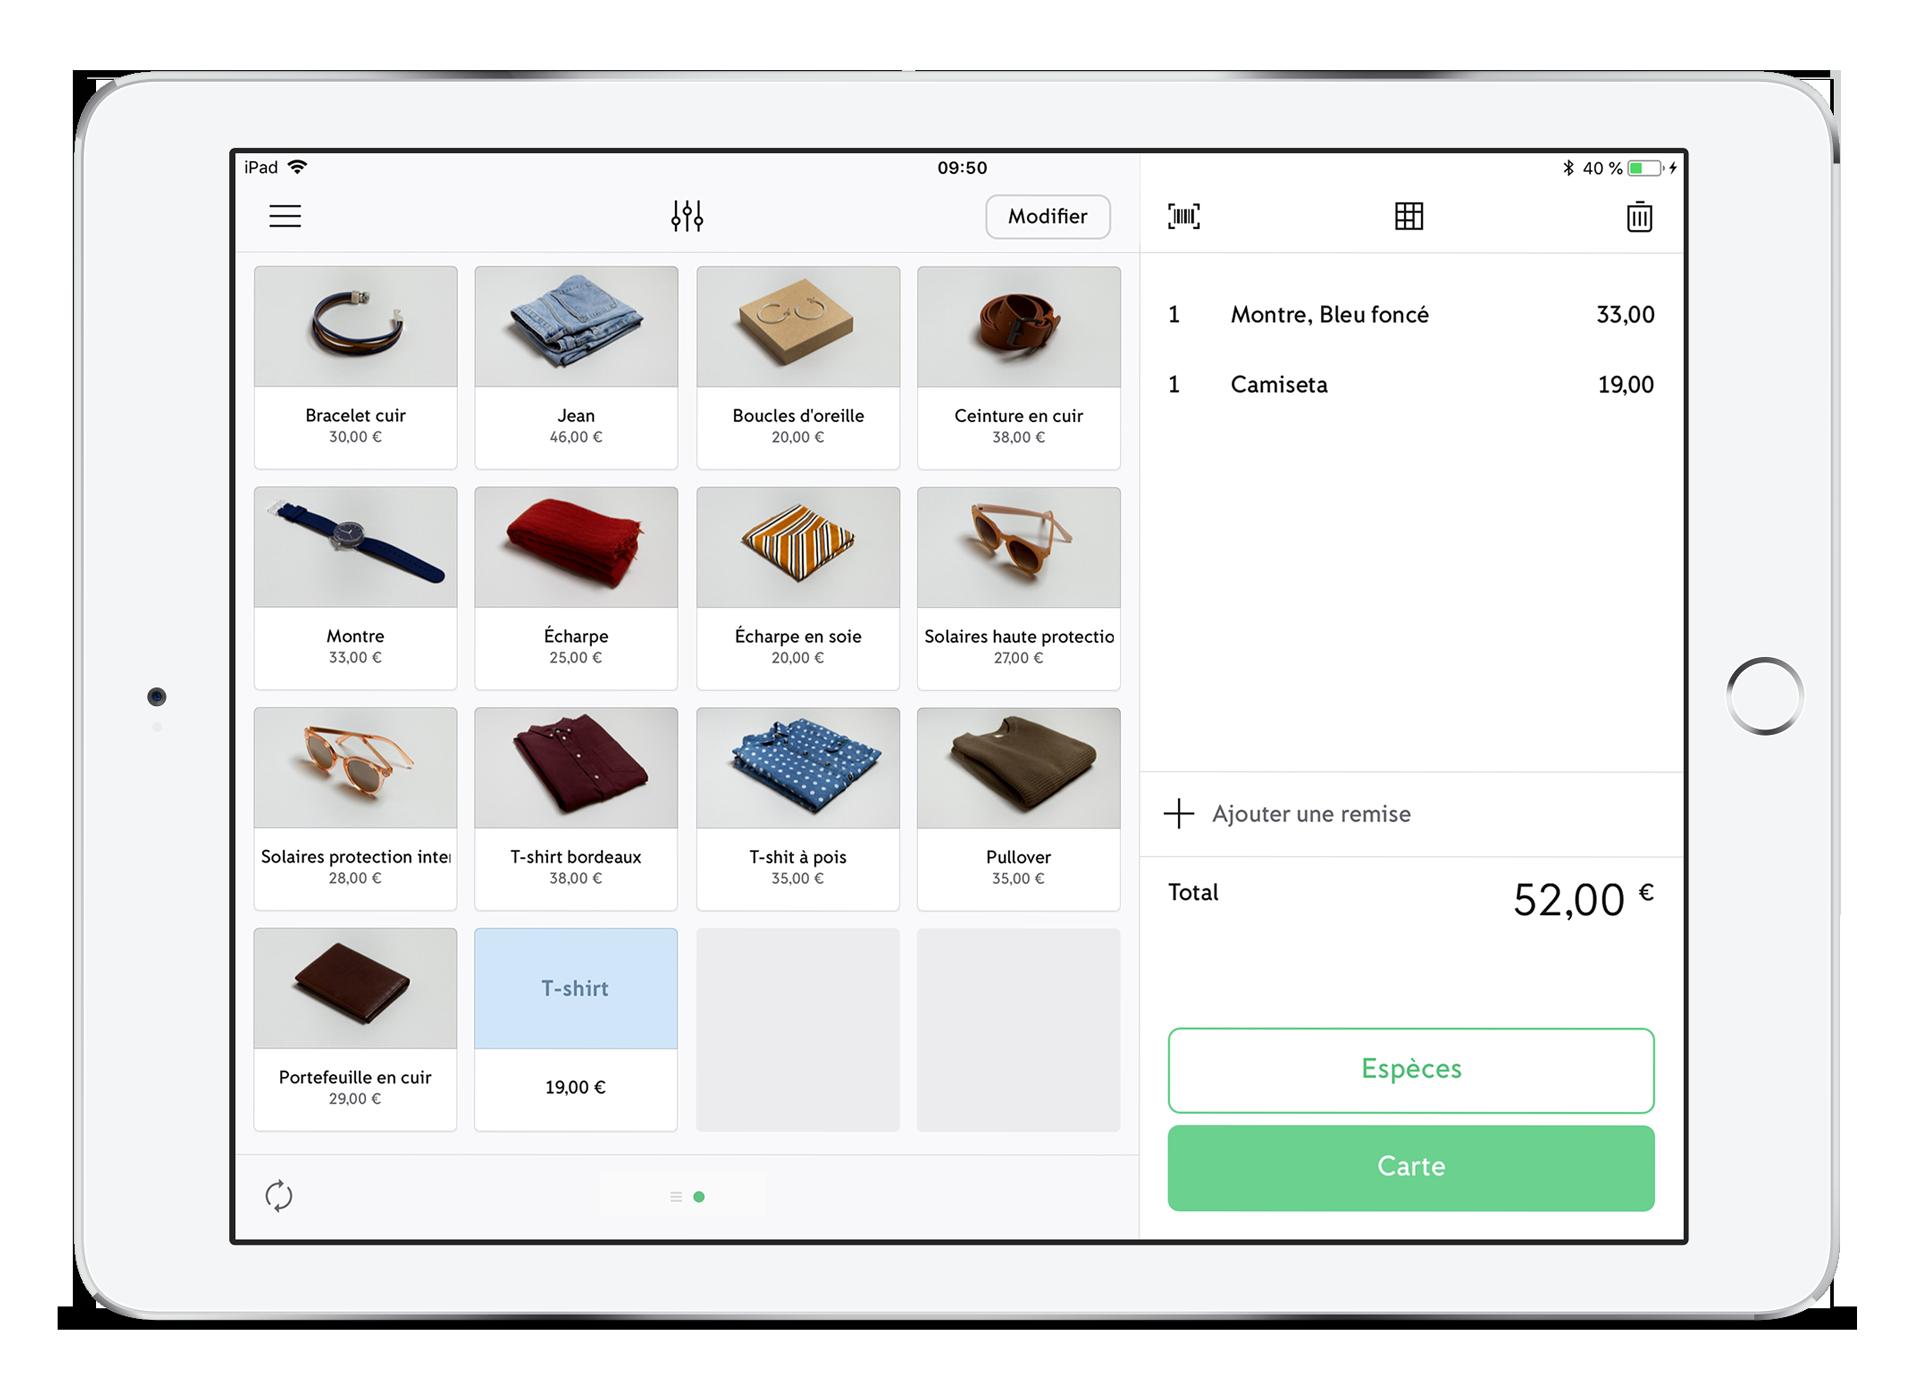 Le catalogue de produits de l'application iZettle Go